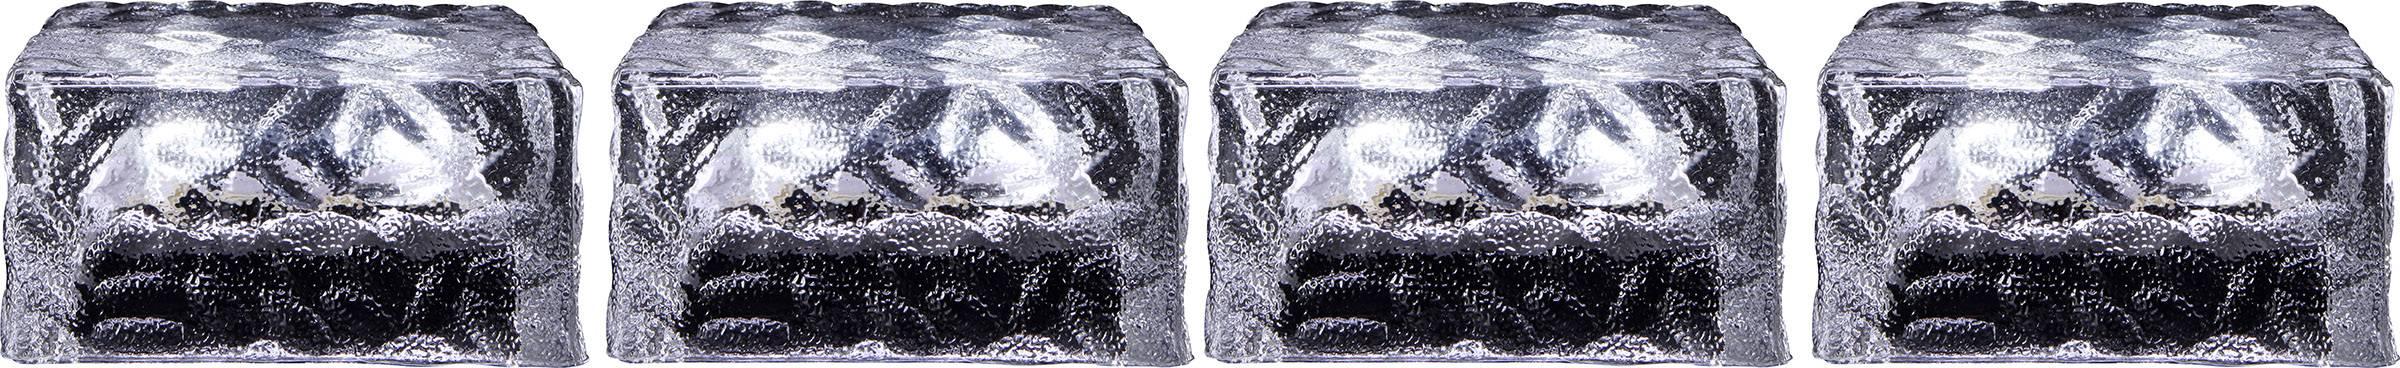 LED solární dekorativní osvětlení kostka ledu Polarlite 0.16 W, IP44, studená bílá